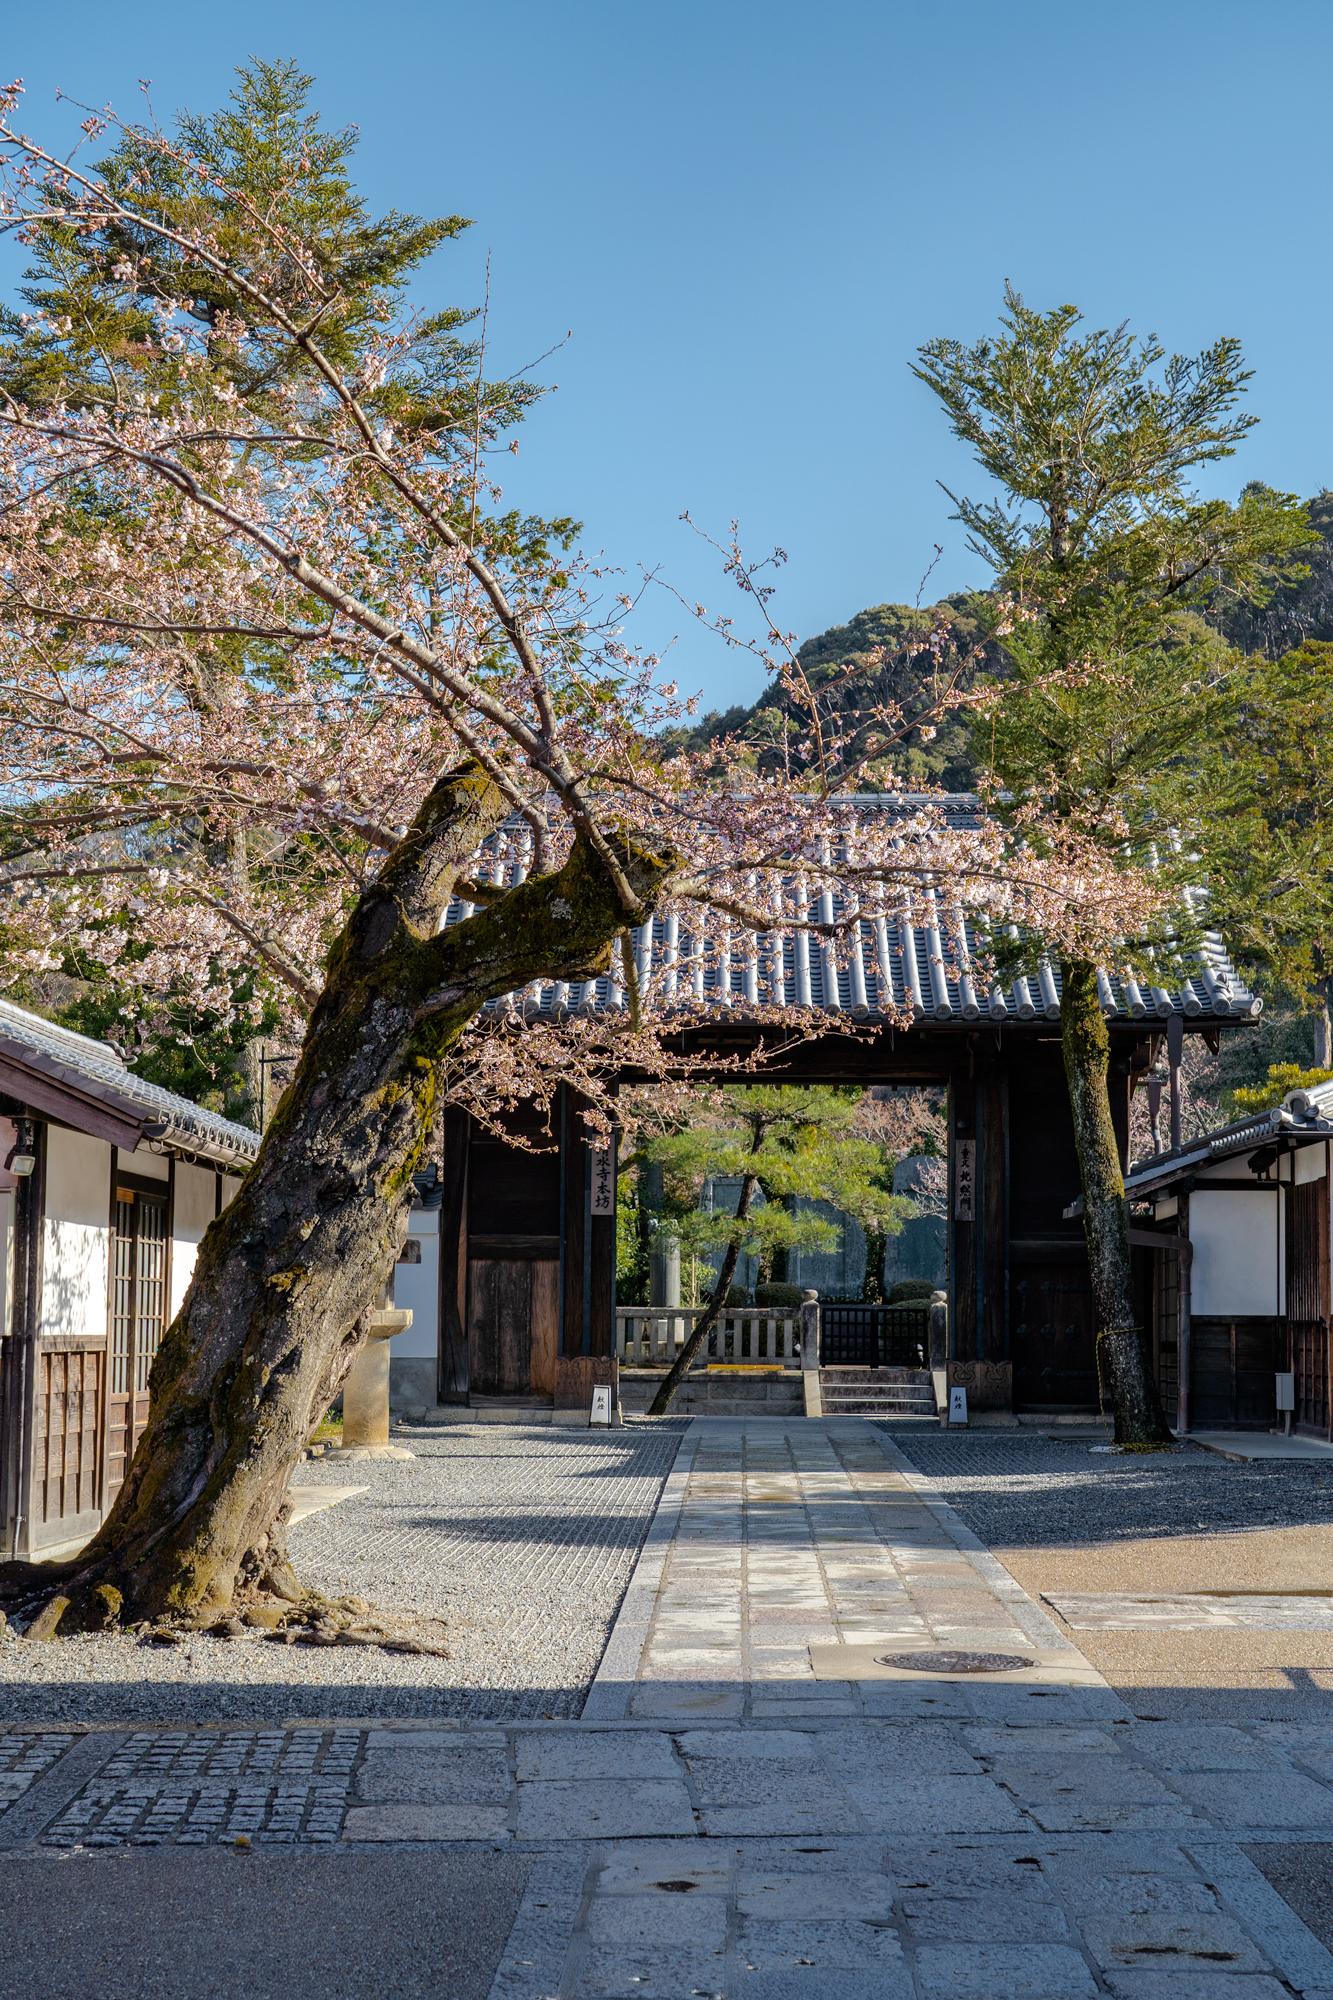 SONY_ILCE-7M3_3283685042-3283734735_2217 京都府 清水寺(2020年 清水寺の桜景色と春におすすめの写真スポット. 見どころやライトアップ、アクセス、工事状況、桜の見頃情報まとめ)